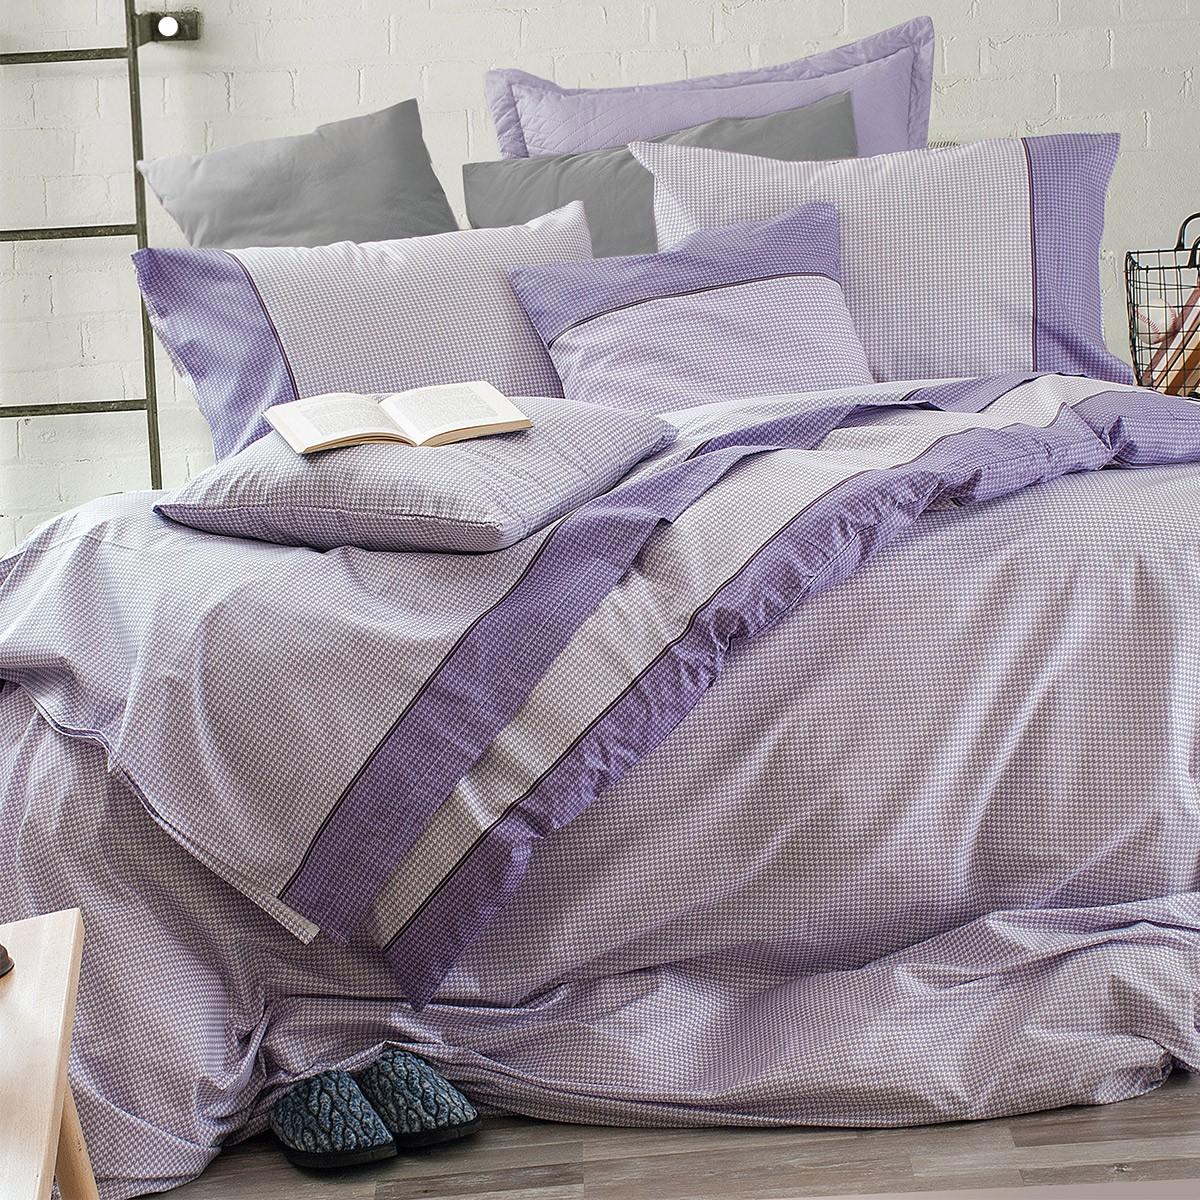 Σεντόνια Υπέρδιπλα (Σετ) Rythmos Next More Purple ΧΩΡΙΣ ΛΑΣΤΙΧΟ 220×260 ΧΩΡΙΣ ΛΑΣΤΙΧΟ 220×260